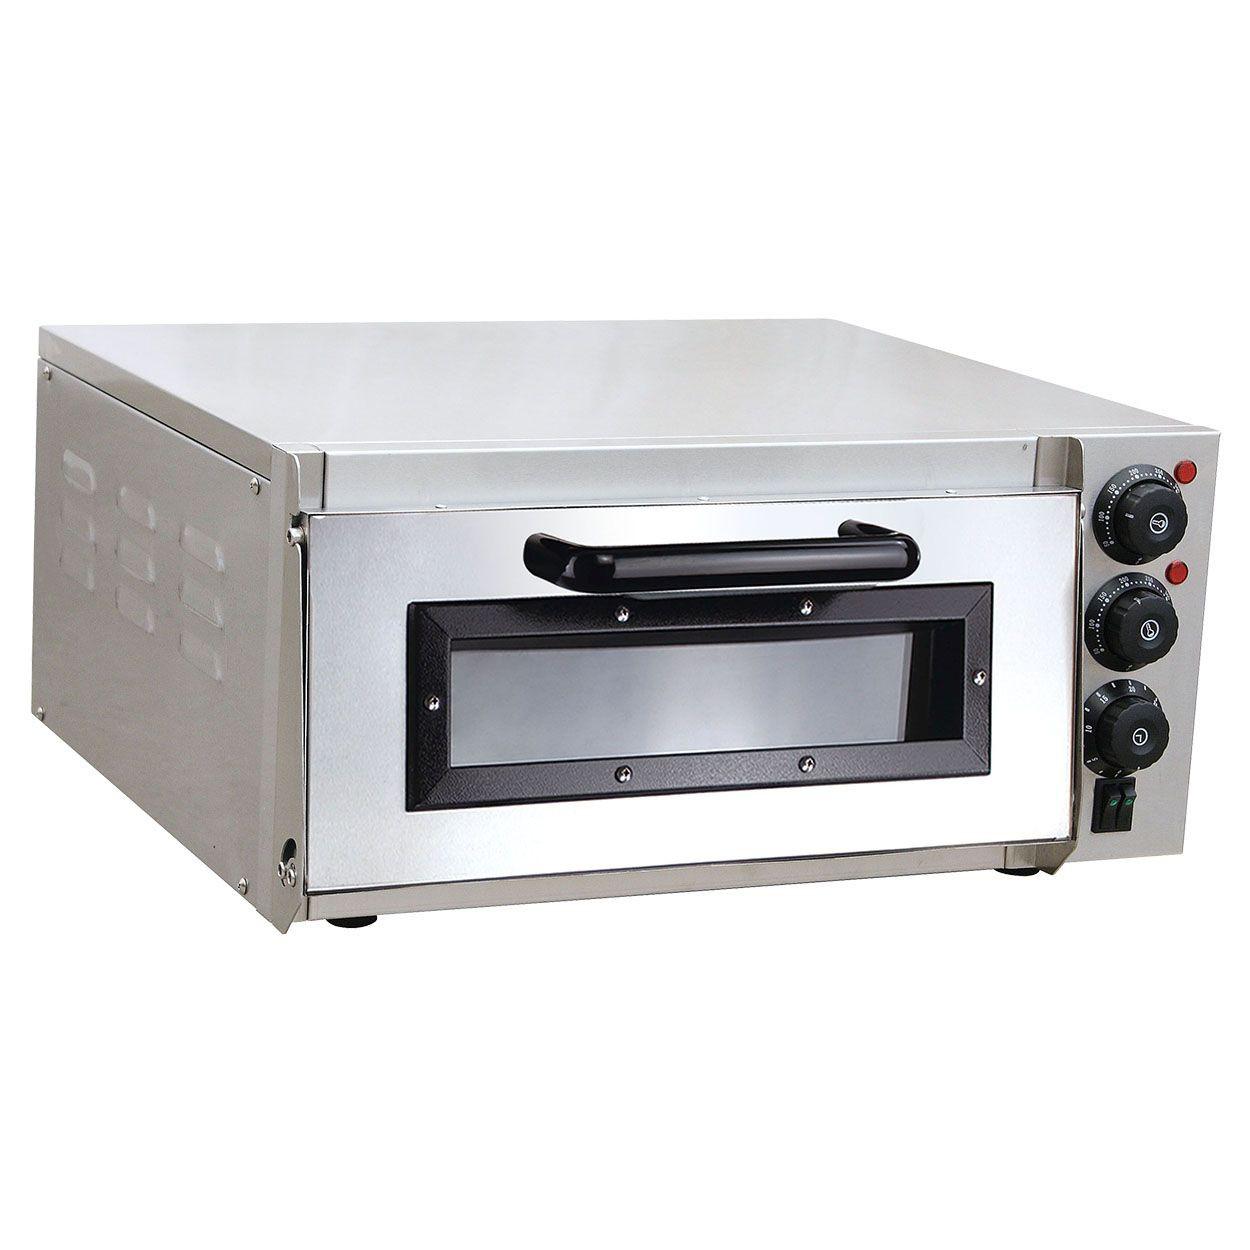 pizzaofen elektrisch aus edelstahl mit pizzastein 1 kammer 2000 watt steinbackofen mit. Black Bedroom Furniture Sets. Home Design Ideas